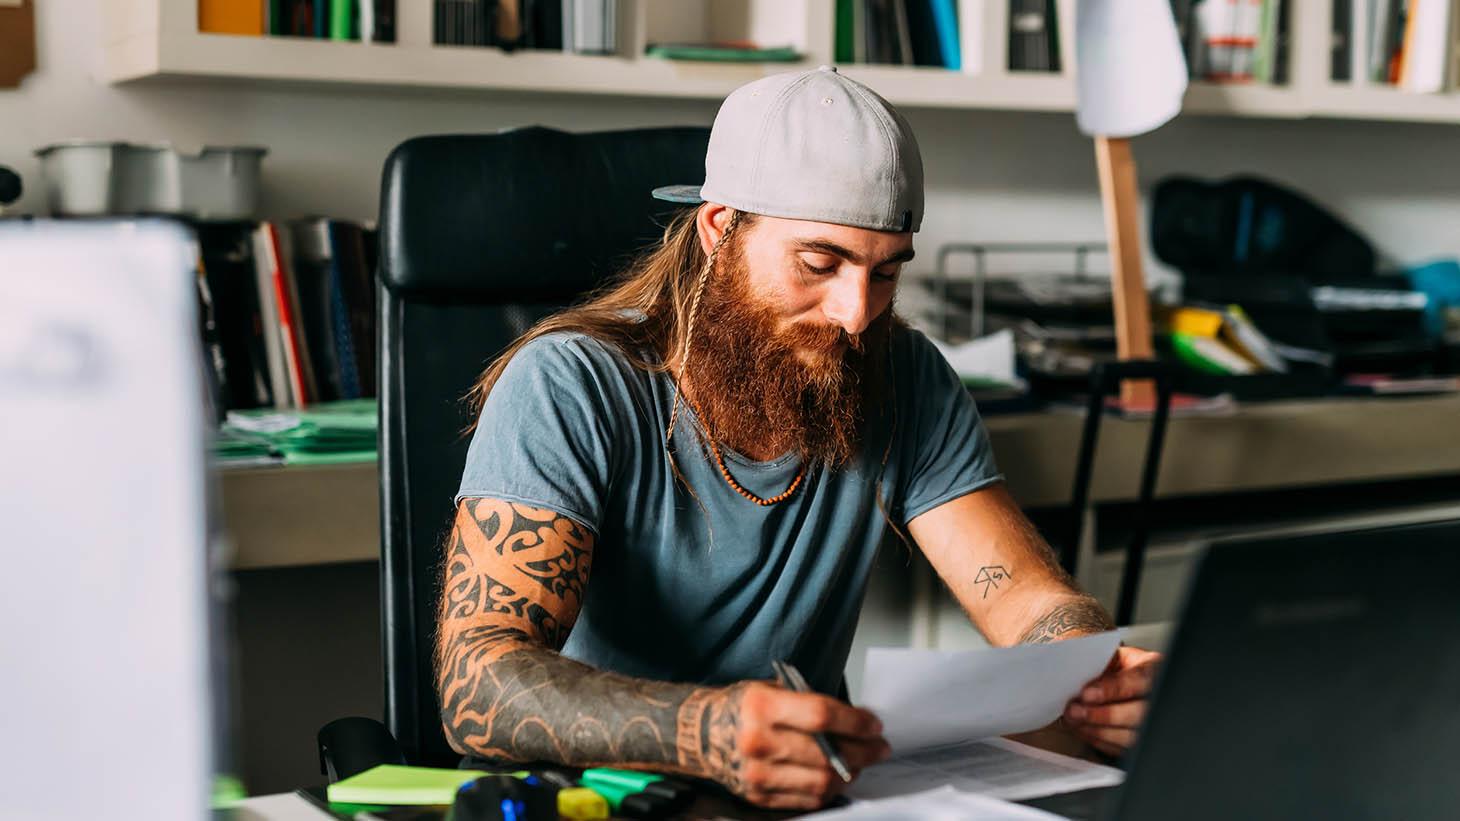 en man i 35-årsåldern sitter vid ett skrivbord och granskar ett papper